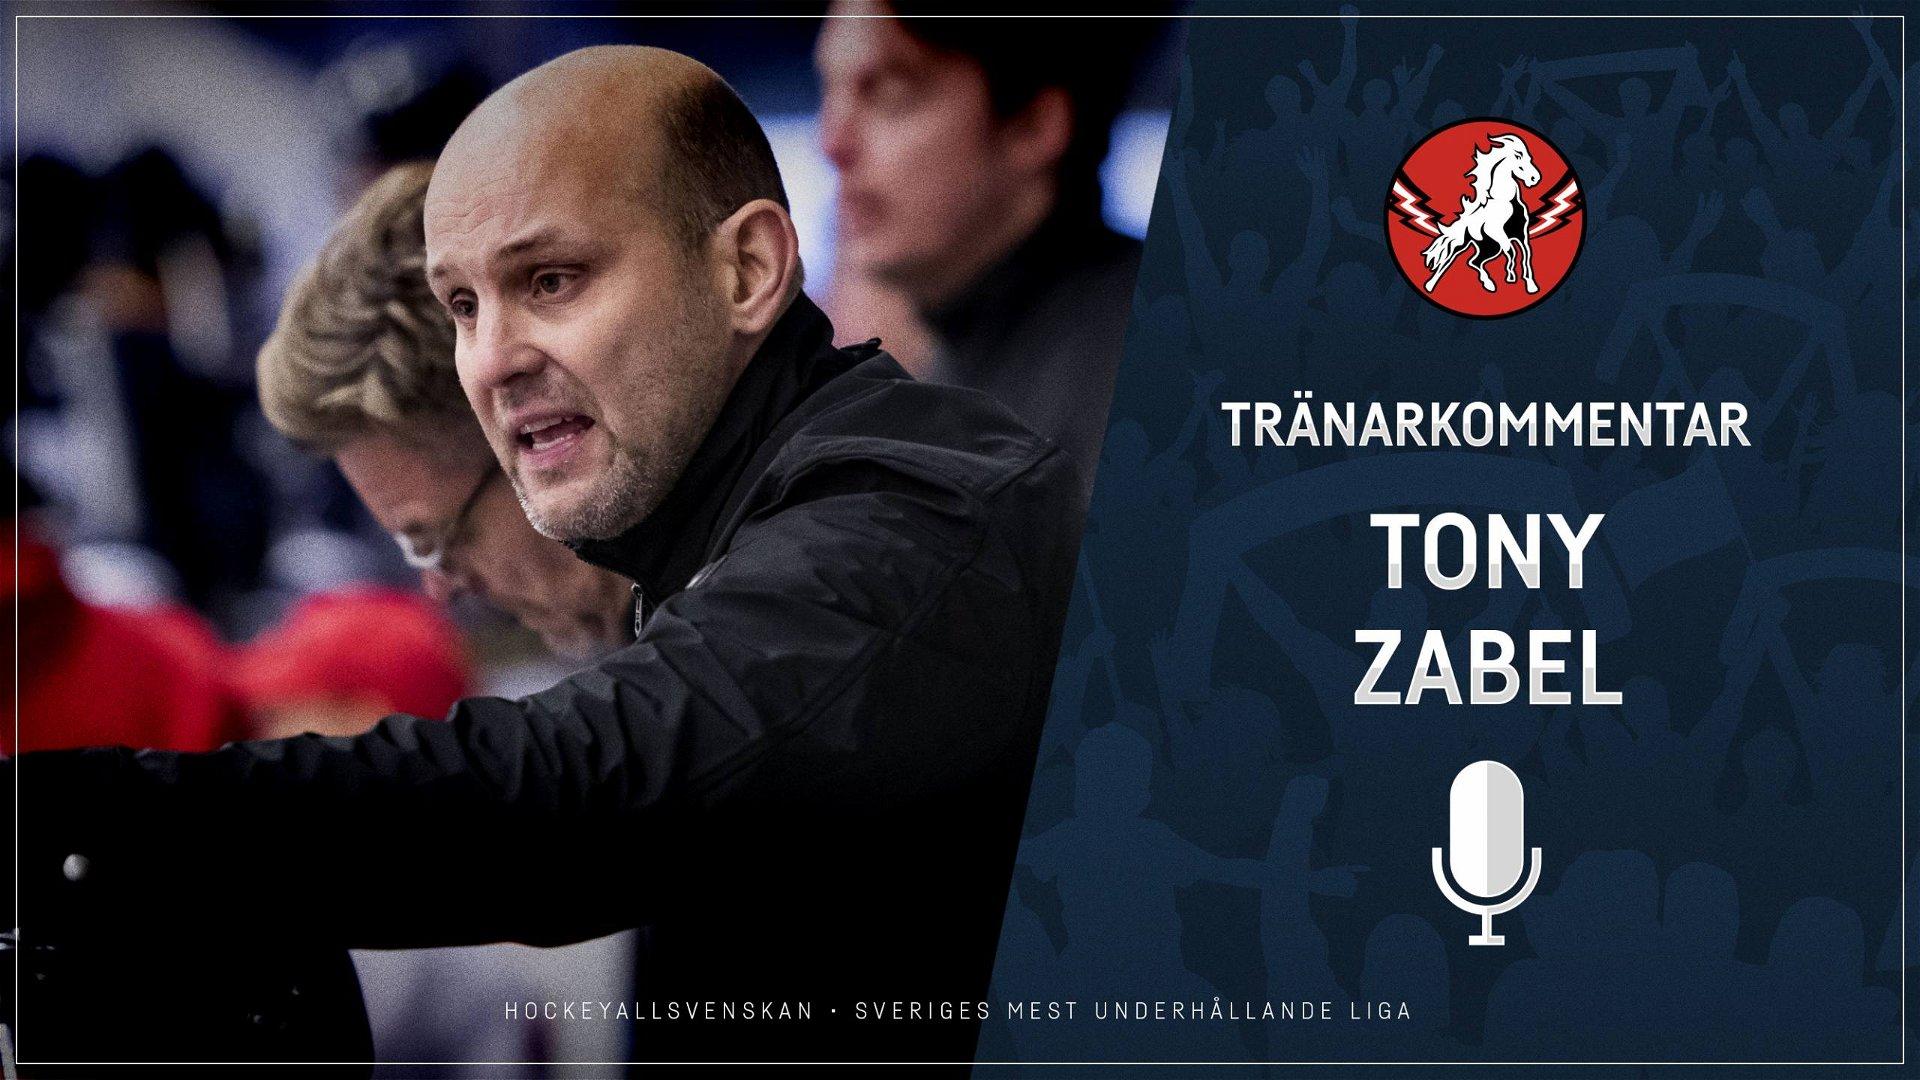 2021-02-26 Segerintervju: Tony Zabel